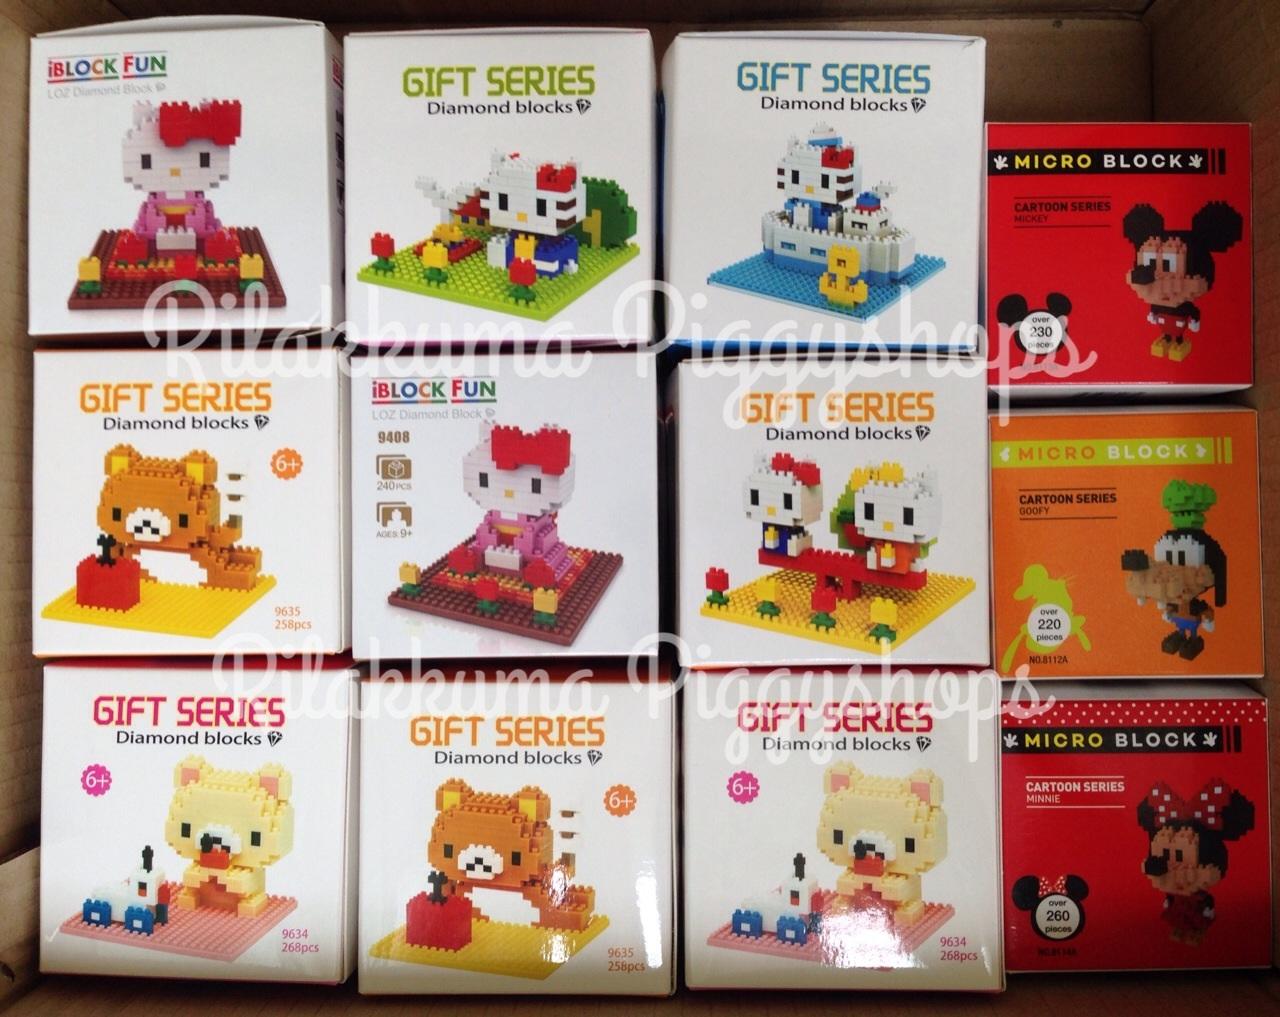 ตัวต่อเลโก้จิ๋ว เฮลโหลคิตตี้ชุดกิโมโน Hello Kitty in kimono costume nanoblock